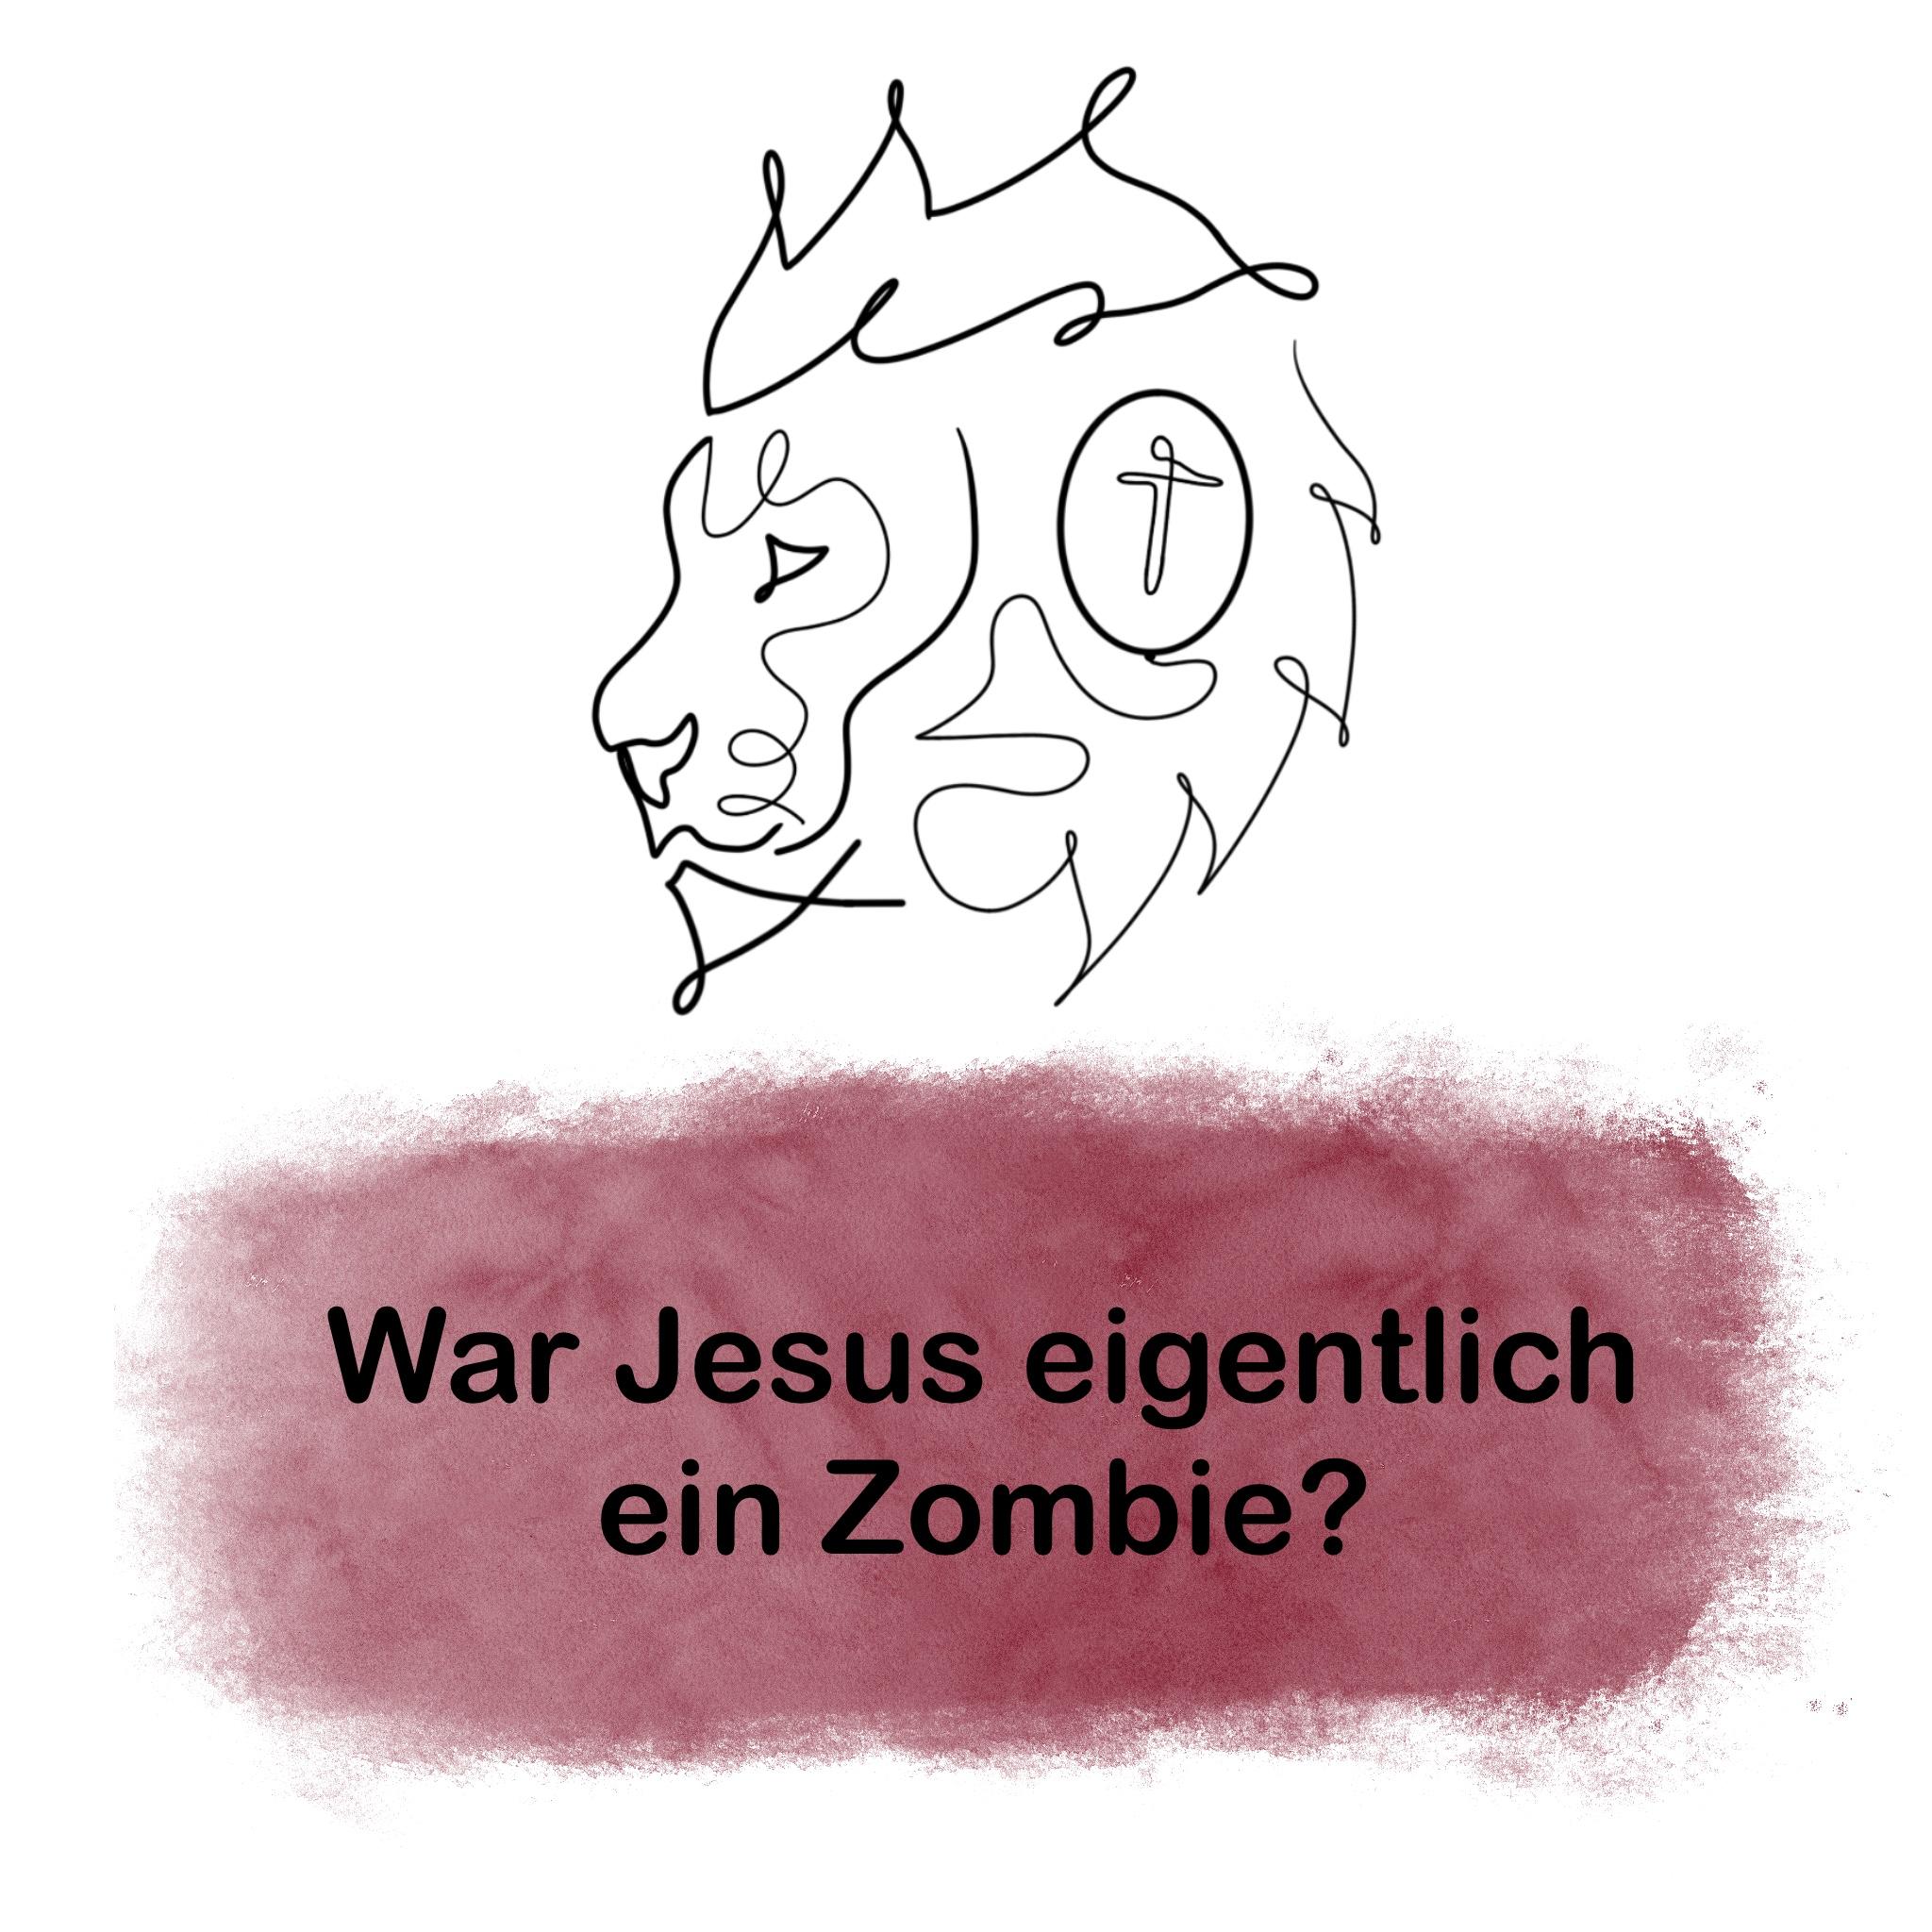 War Jesus eigentlich ein Zombie?